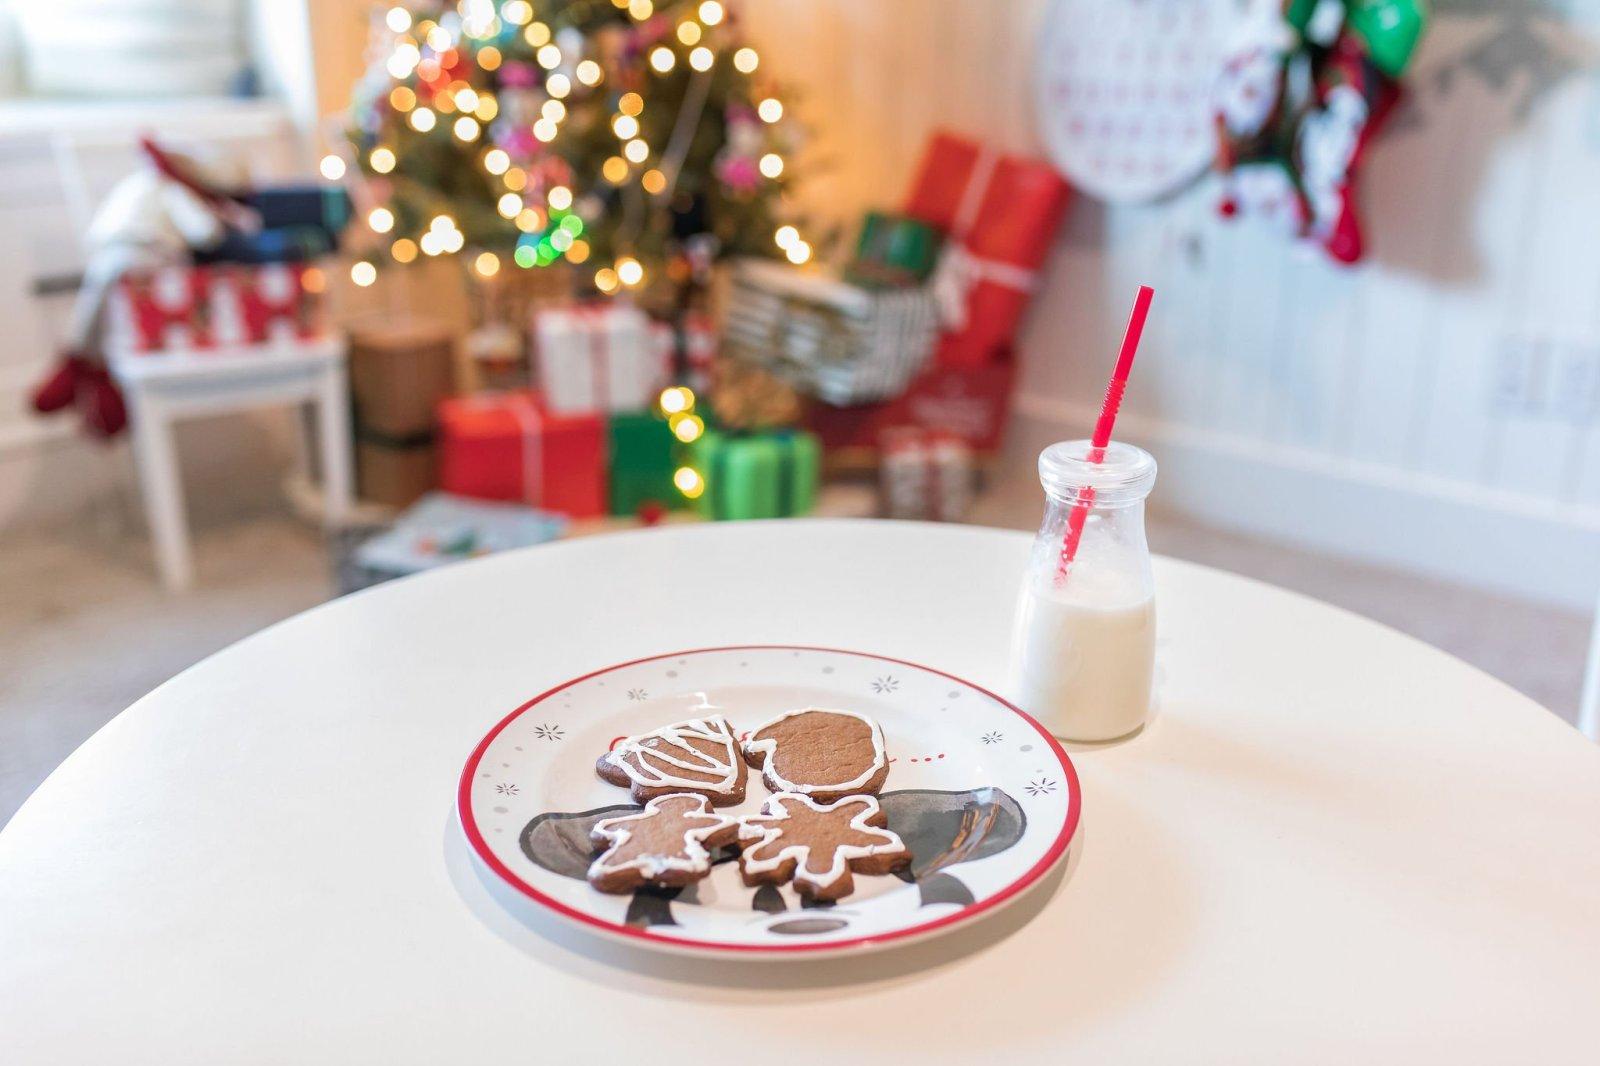 Santa gingerbread cookies and milk